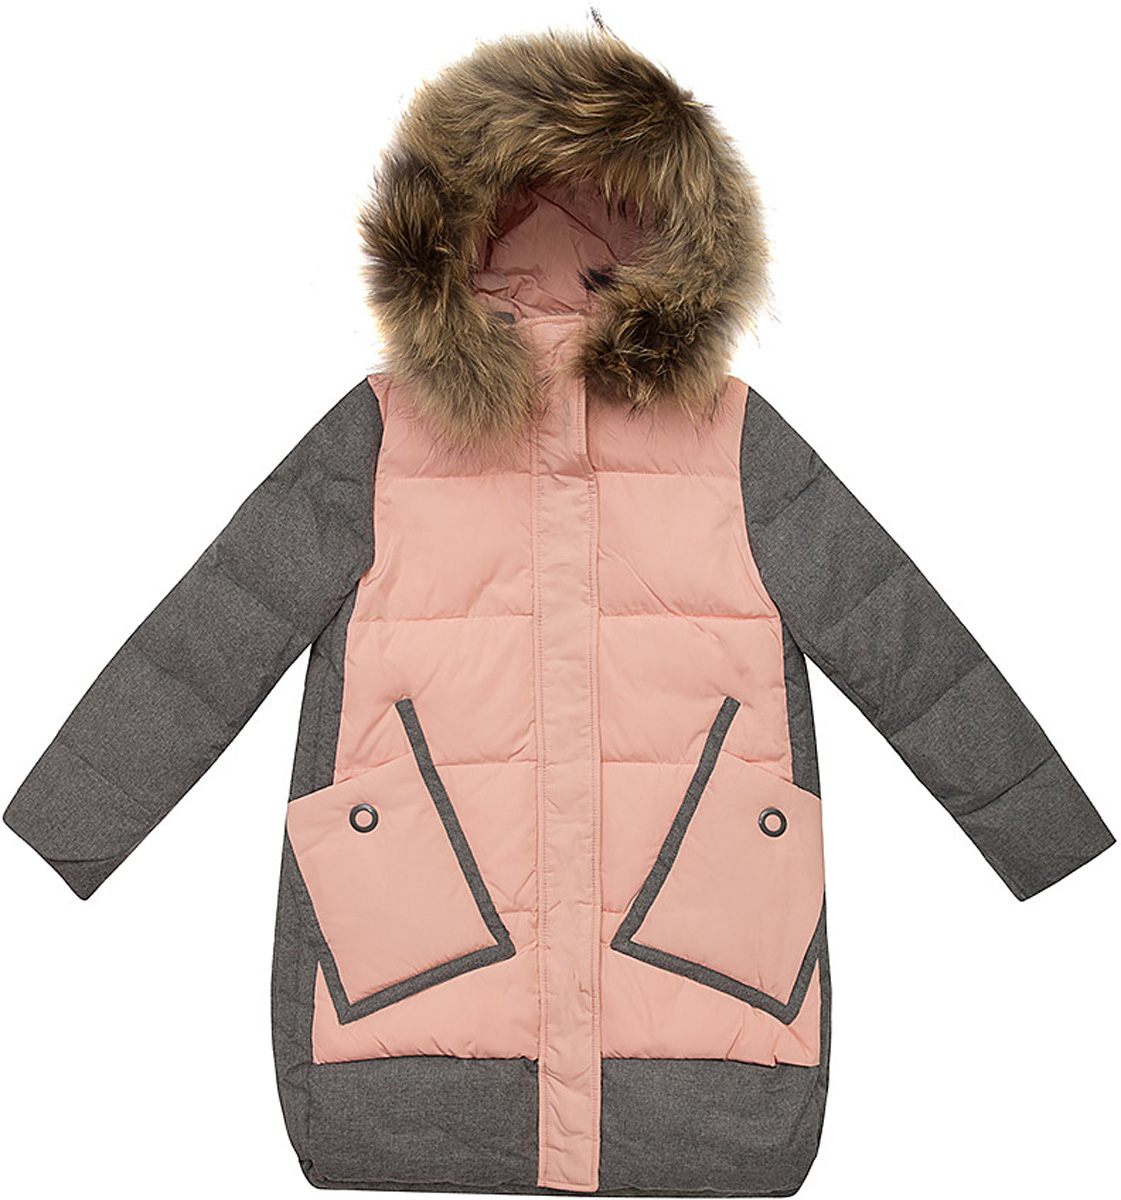 Куртка для девочки Vitacci, цвет: пудровый. 2171461-48. Размер 1302171461-48Удлиненная куртка для девочки Vitacci, изготовленная из полиэстера, станет стильнымдополнением к детскому гардеробу.Подкладка выполнена из полиэстера и дополнительно утеплена флисом по спинке. В качестве утеплителя используется биопух.Модель застегивается на пластиковую застежку-молнию. Имеет ветрозащитную планку и съемный капюшон с отделкой из натурального меха.Температурный режим от -10 до -25 градусов.Теплая, удобная и практичная куртка идеально подойдет юной моднице для прогулок!